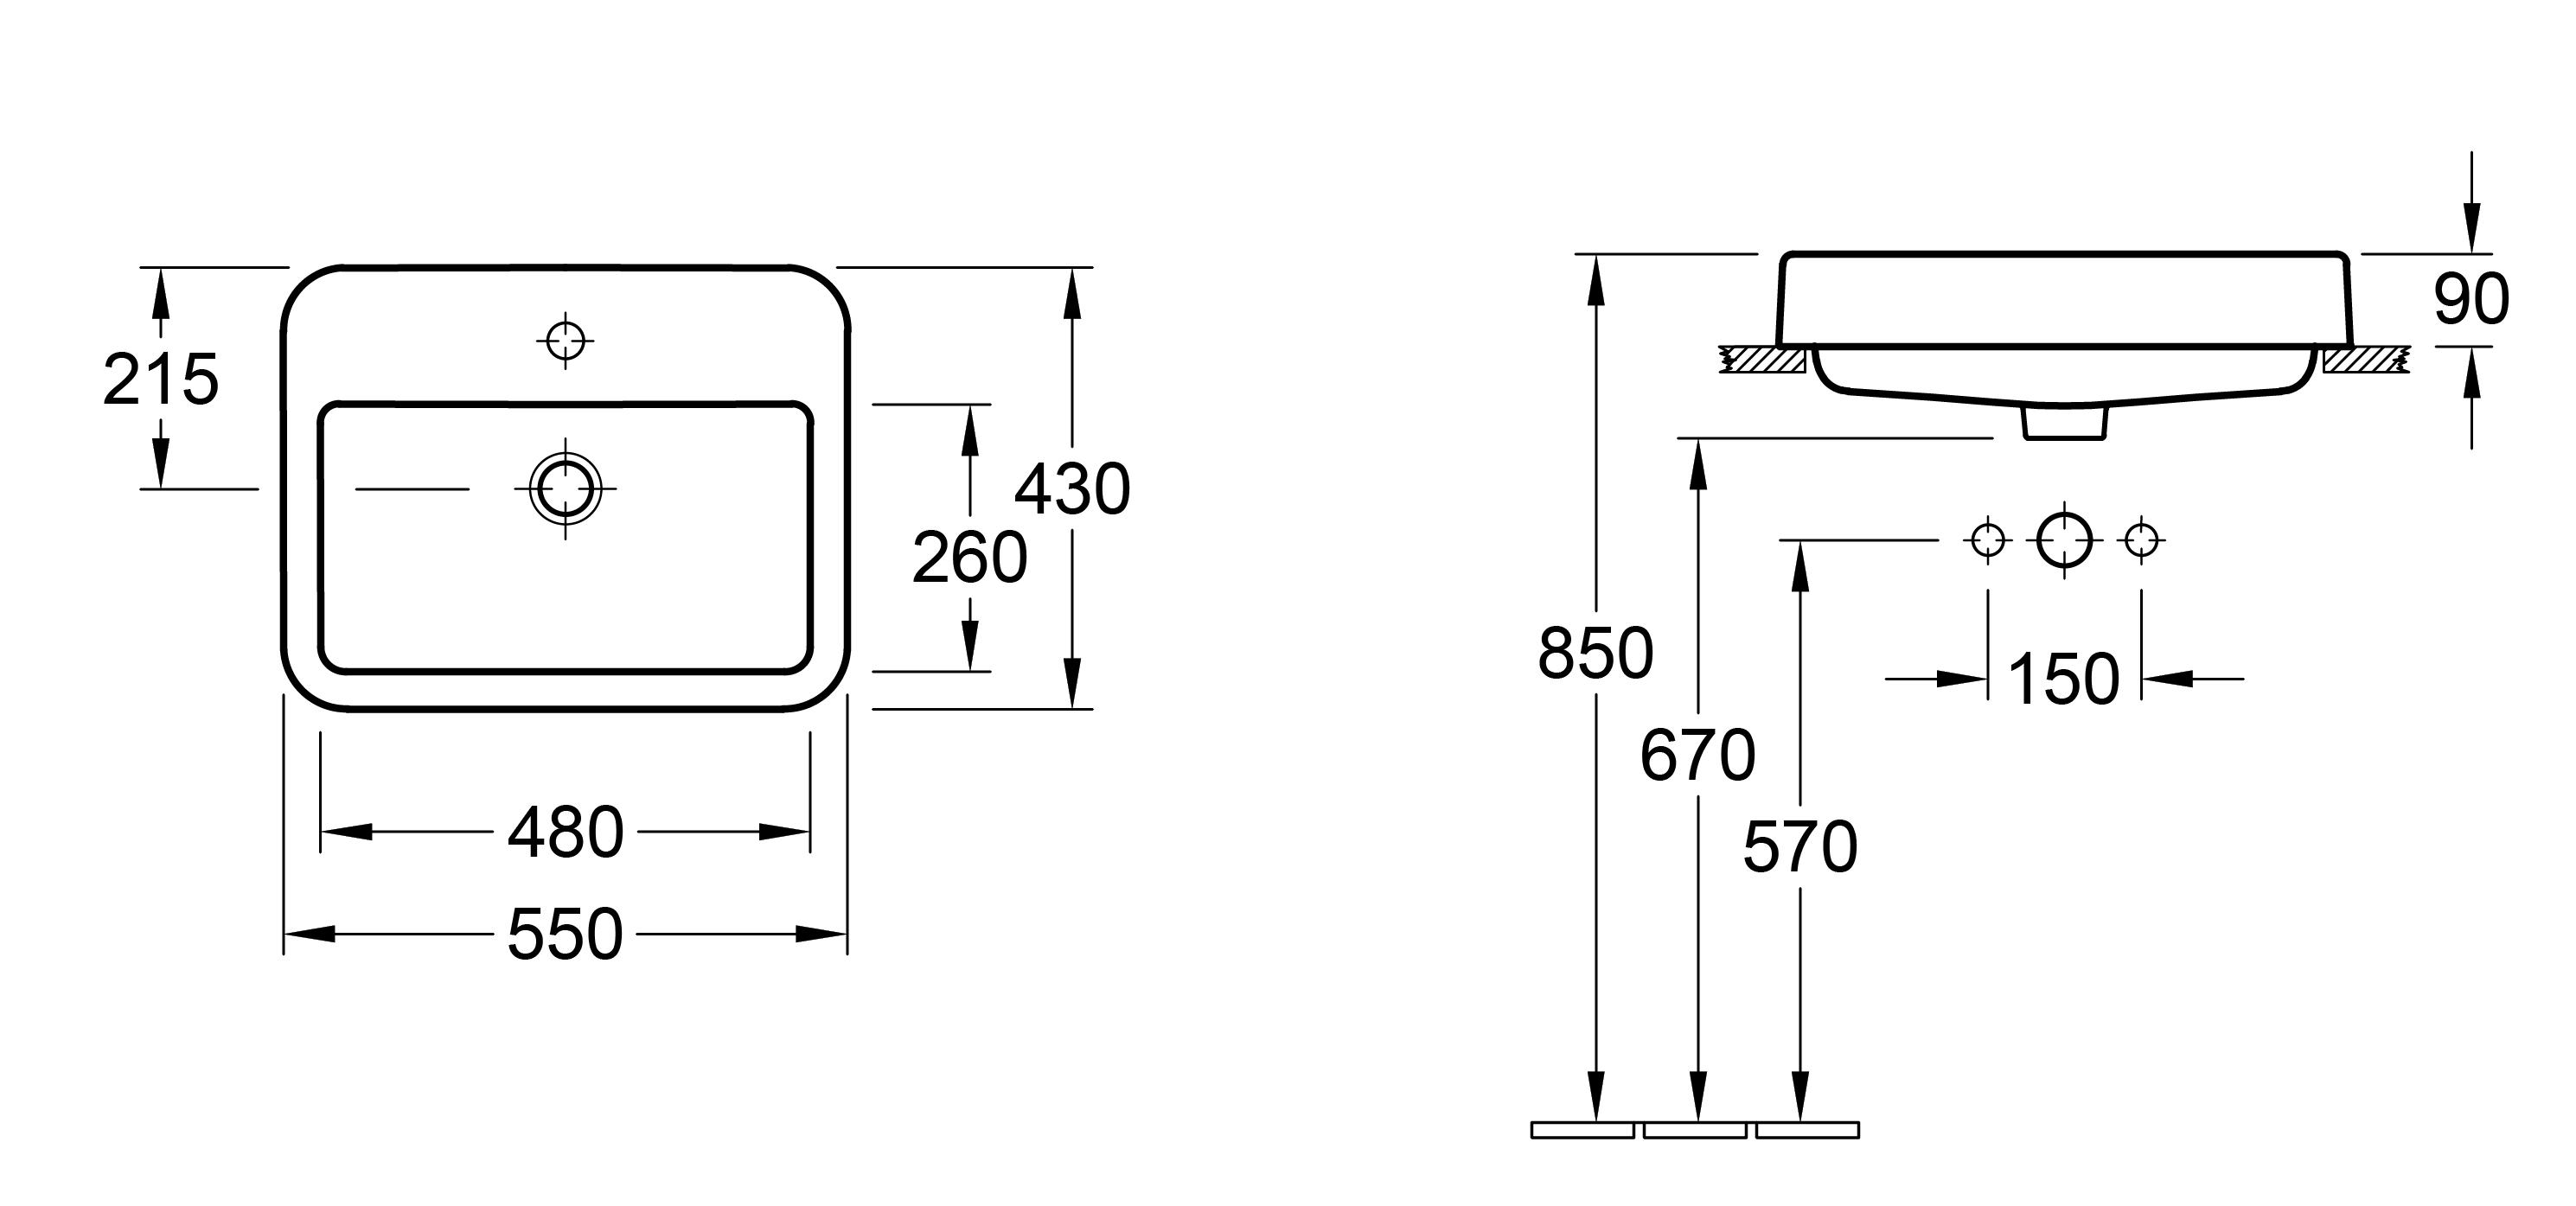 Architectura 550 Semi-Inset Basin